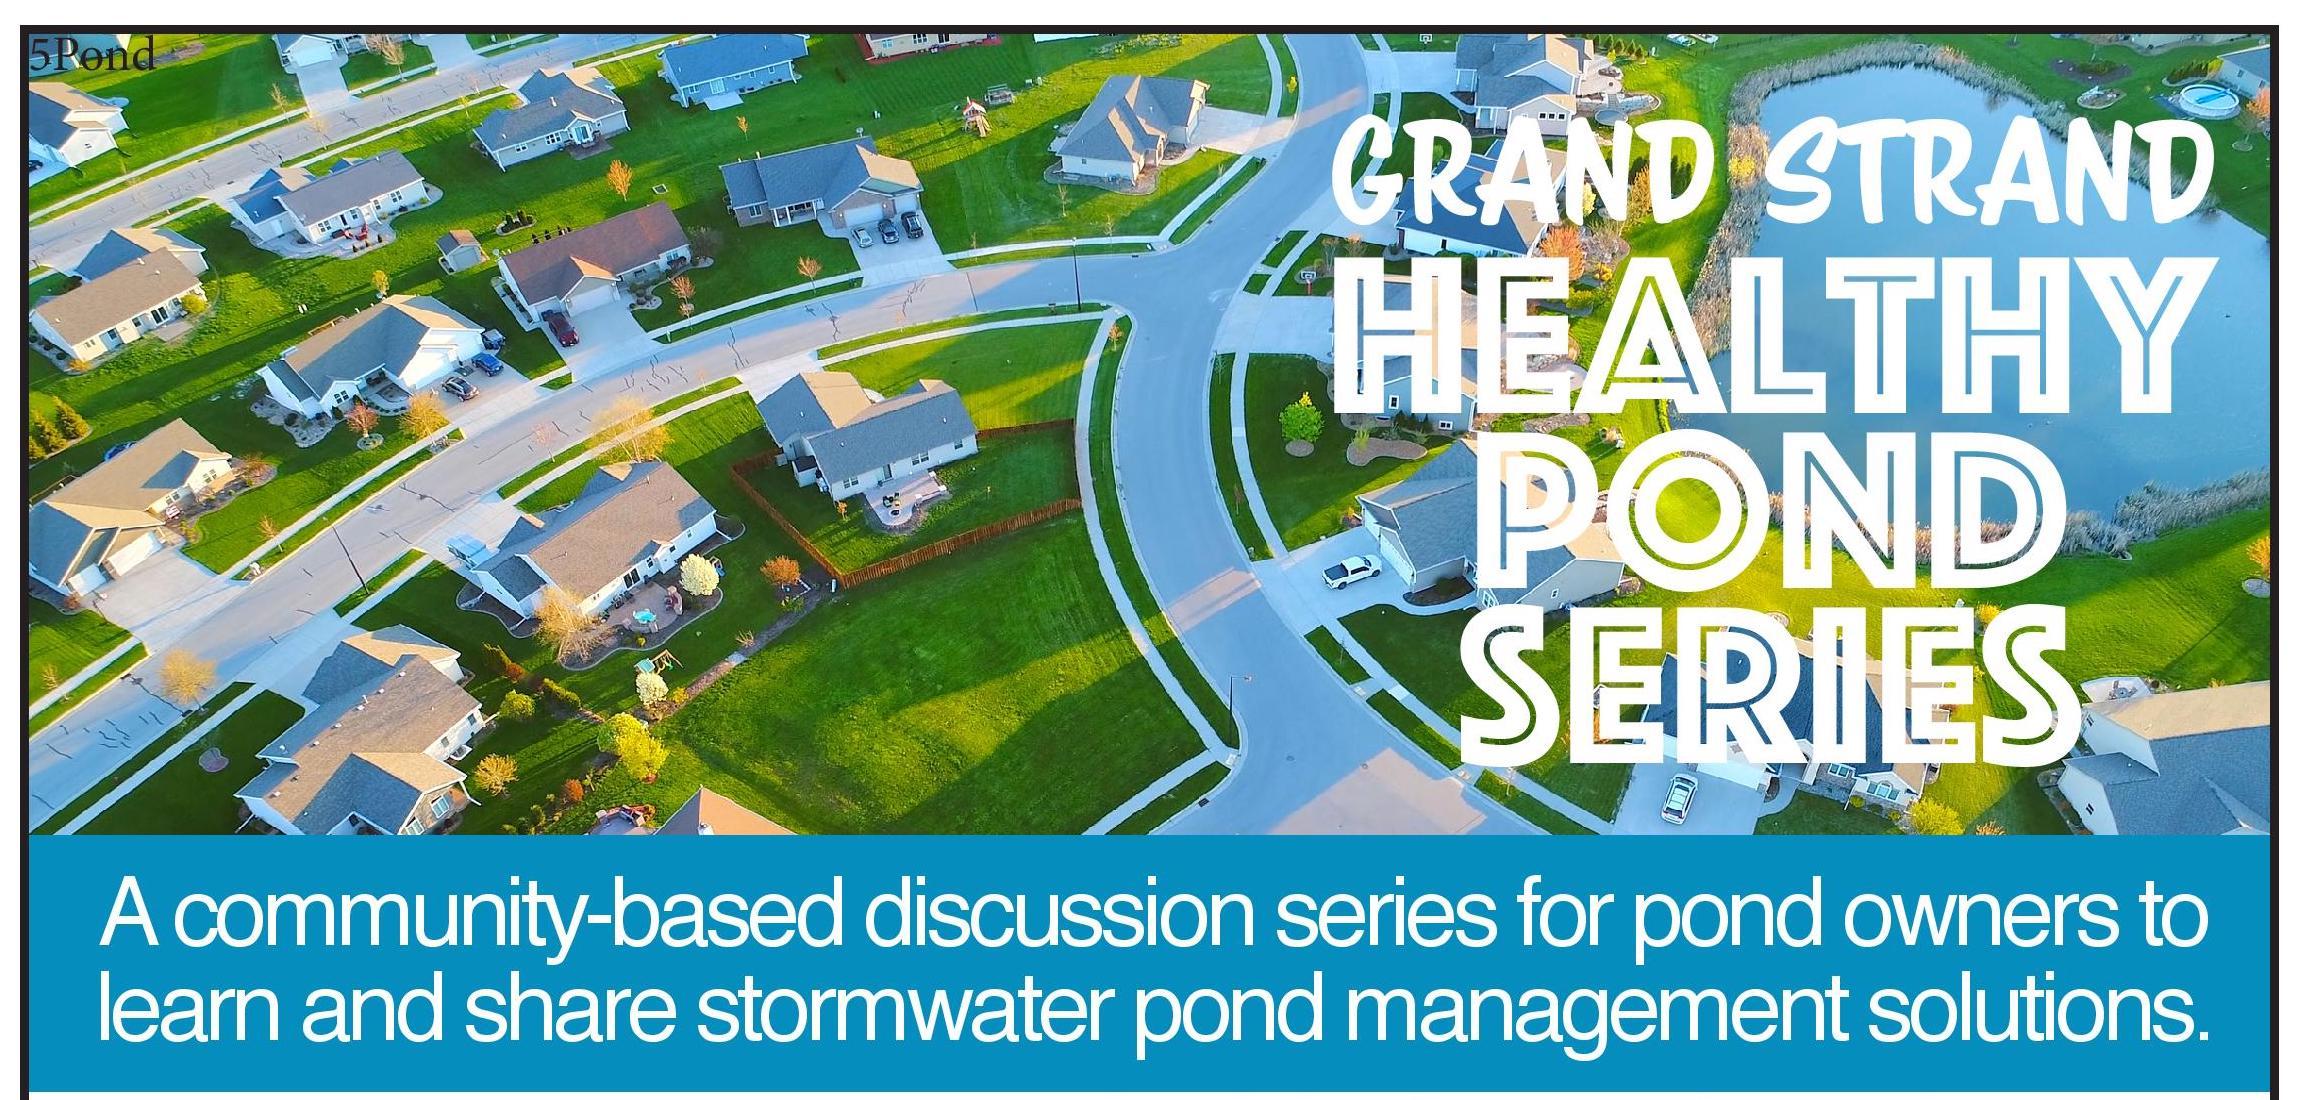 Grand Strand Healthy Pond Series